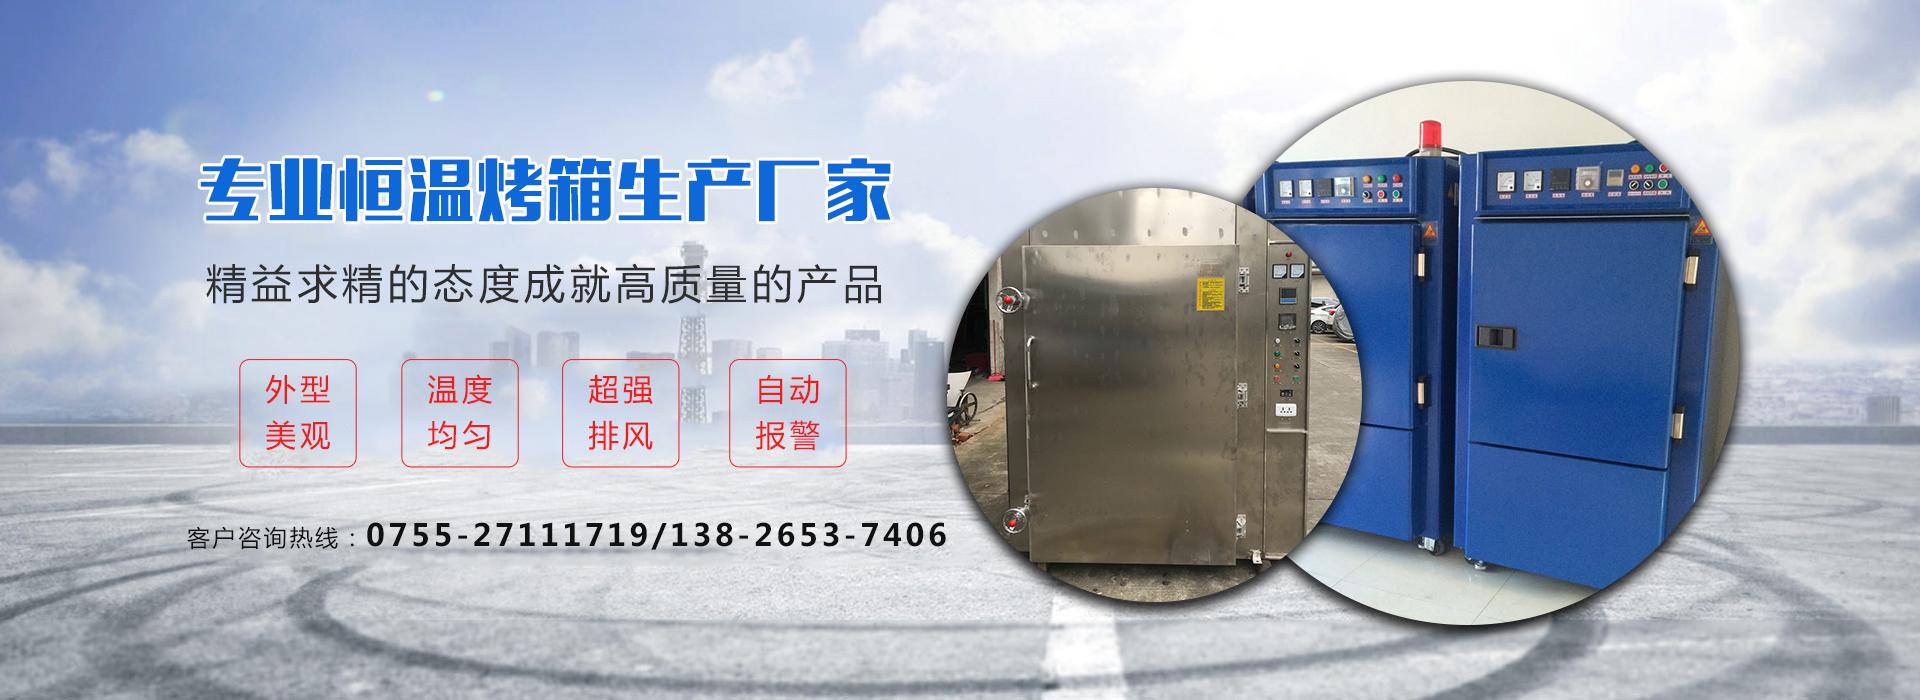 排胶箱直销,深圳排胶箱厂家